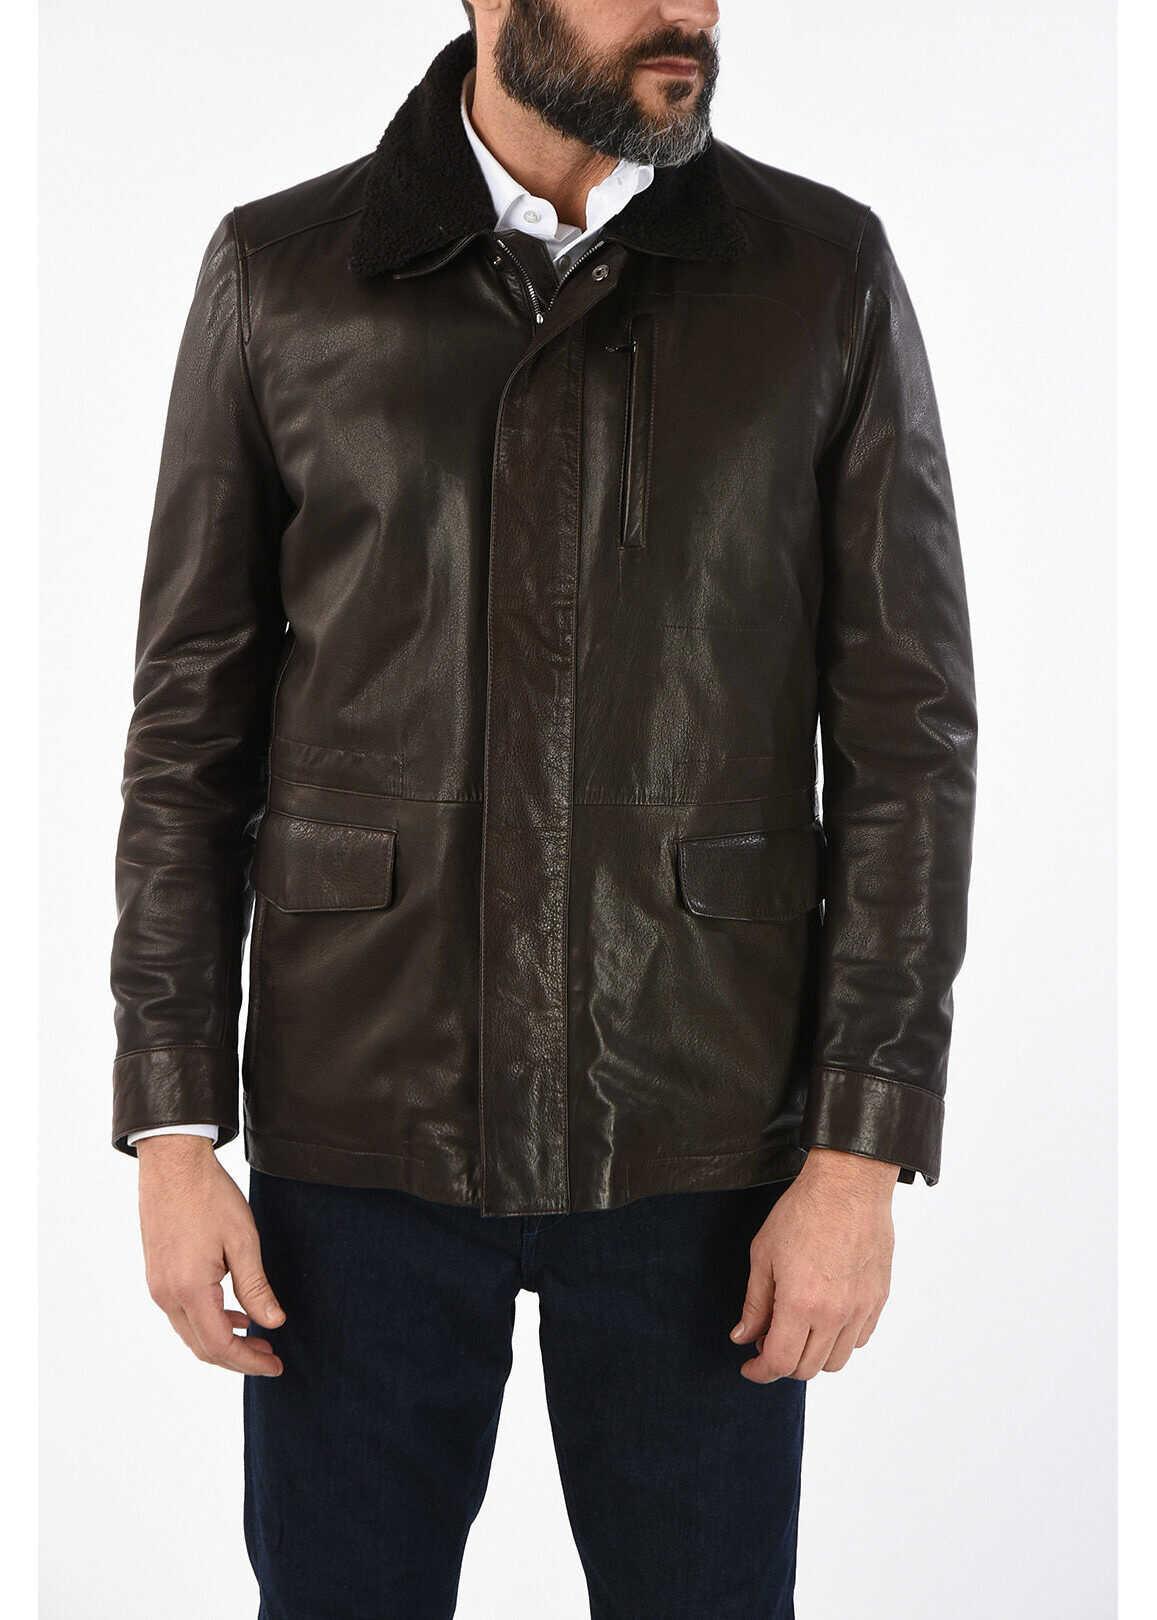 CORNELIANI ID leather PLJMAN NAP flight jacket BROWN imagine